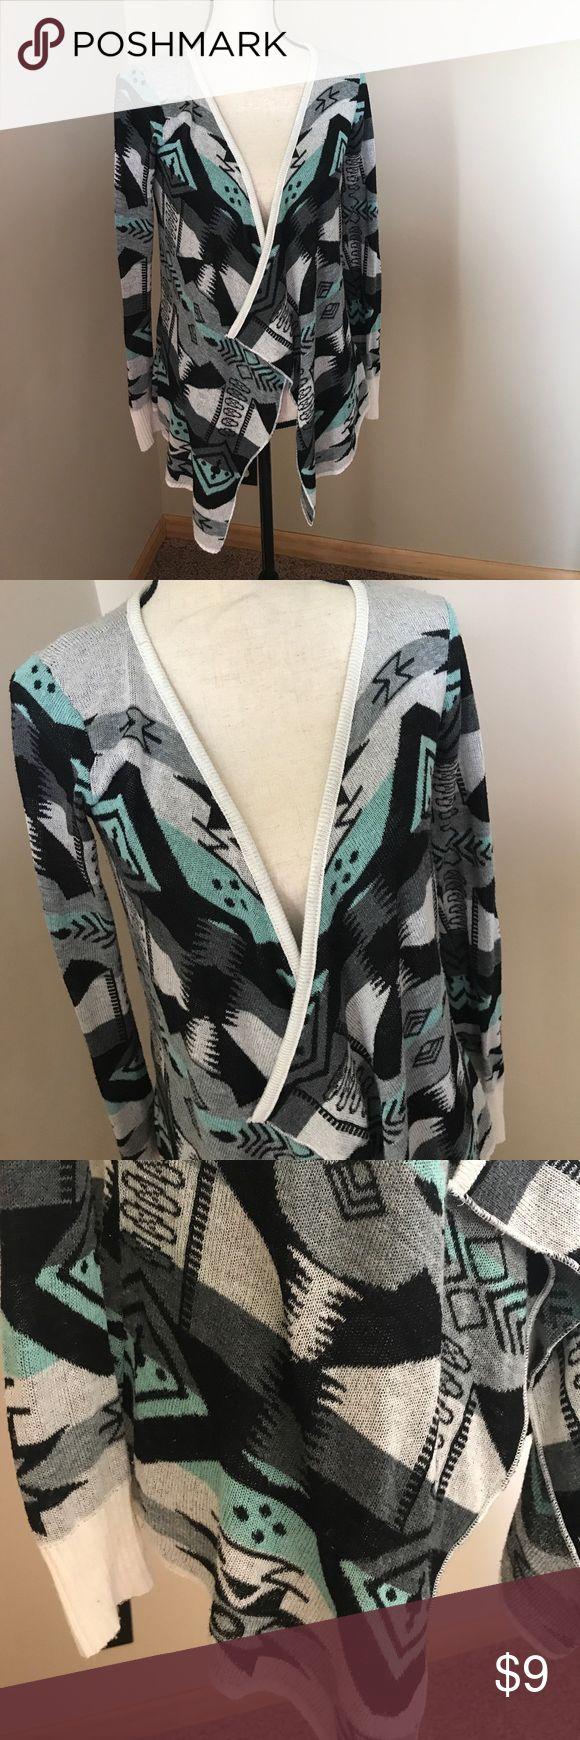 VANITY SZ M CARDIGAN TRIBAL PRINT Size medium. Vanity. Bundle & save! Vanity Sweaters Cardigans